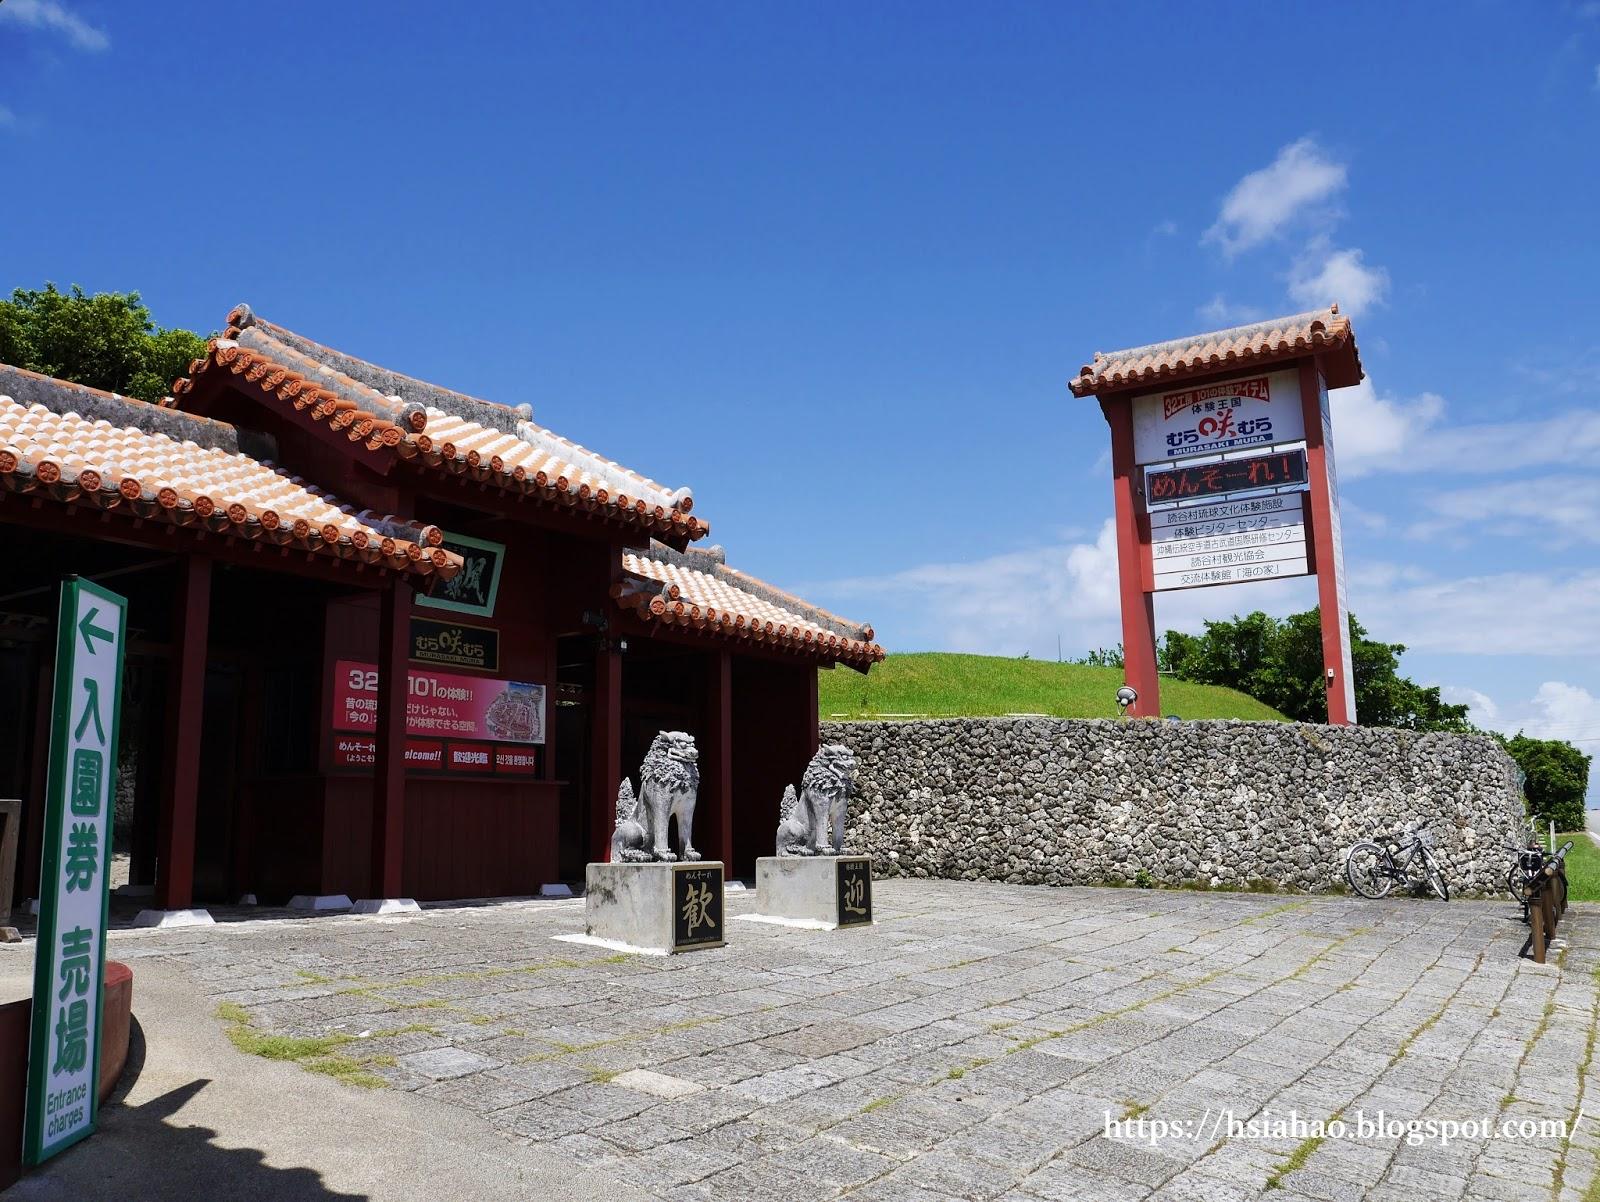 沖繩-景點-推薦-體驗王國MURASAKI村-体験王国 むら咲むら-自由行-旅遊-Okinawa